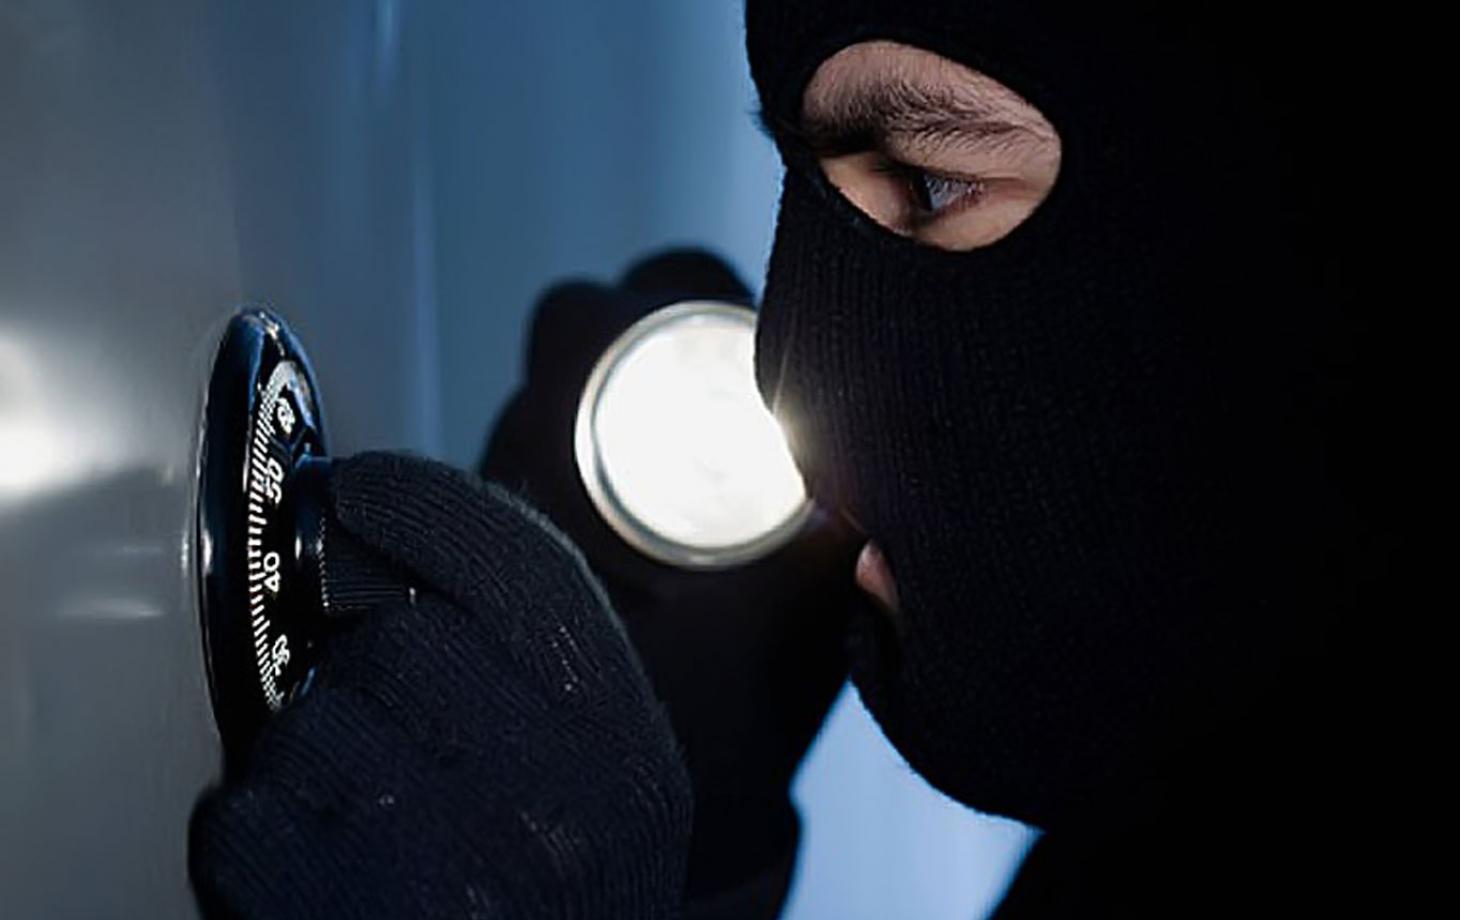 У Кропивницькому більше року не можуть знайти причетних до крадіжки з сейфу 300 тисяч